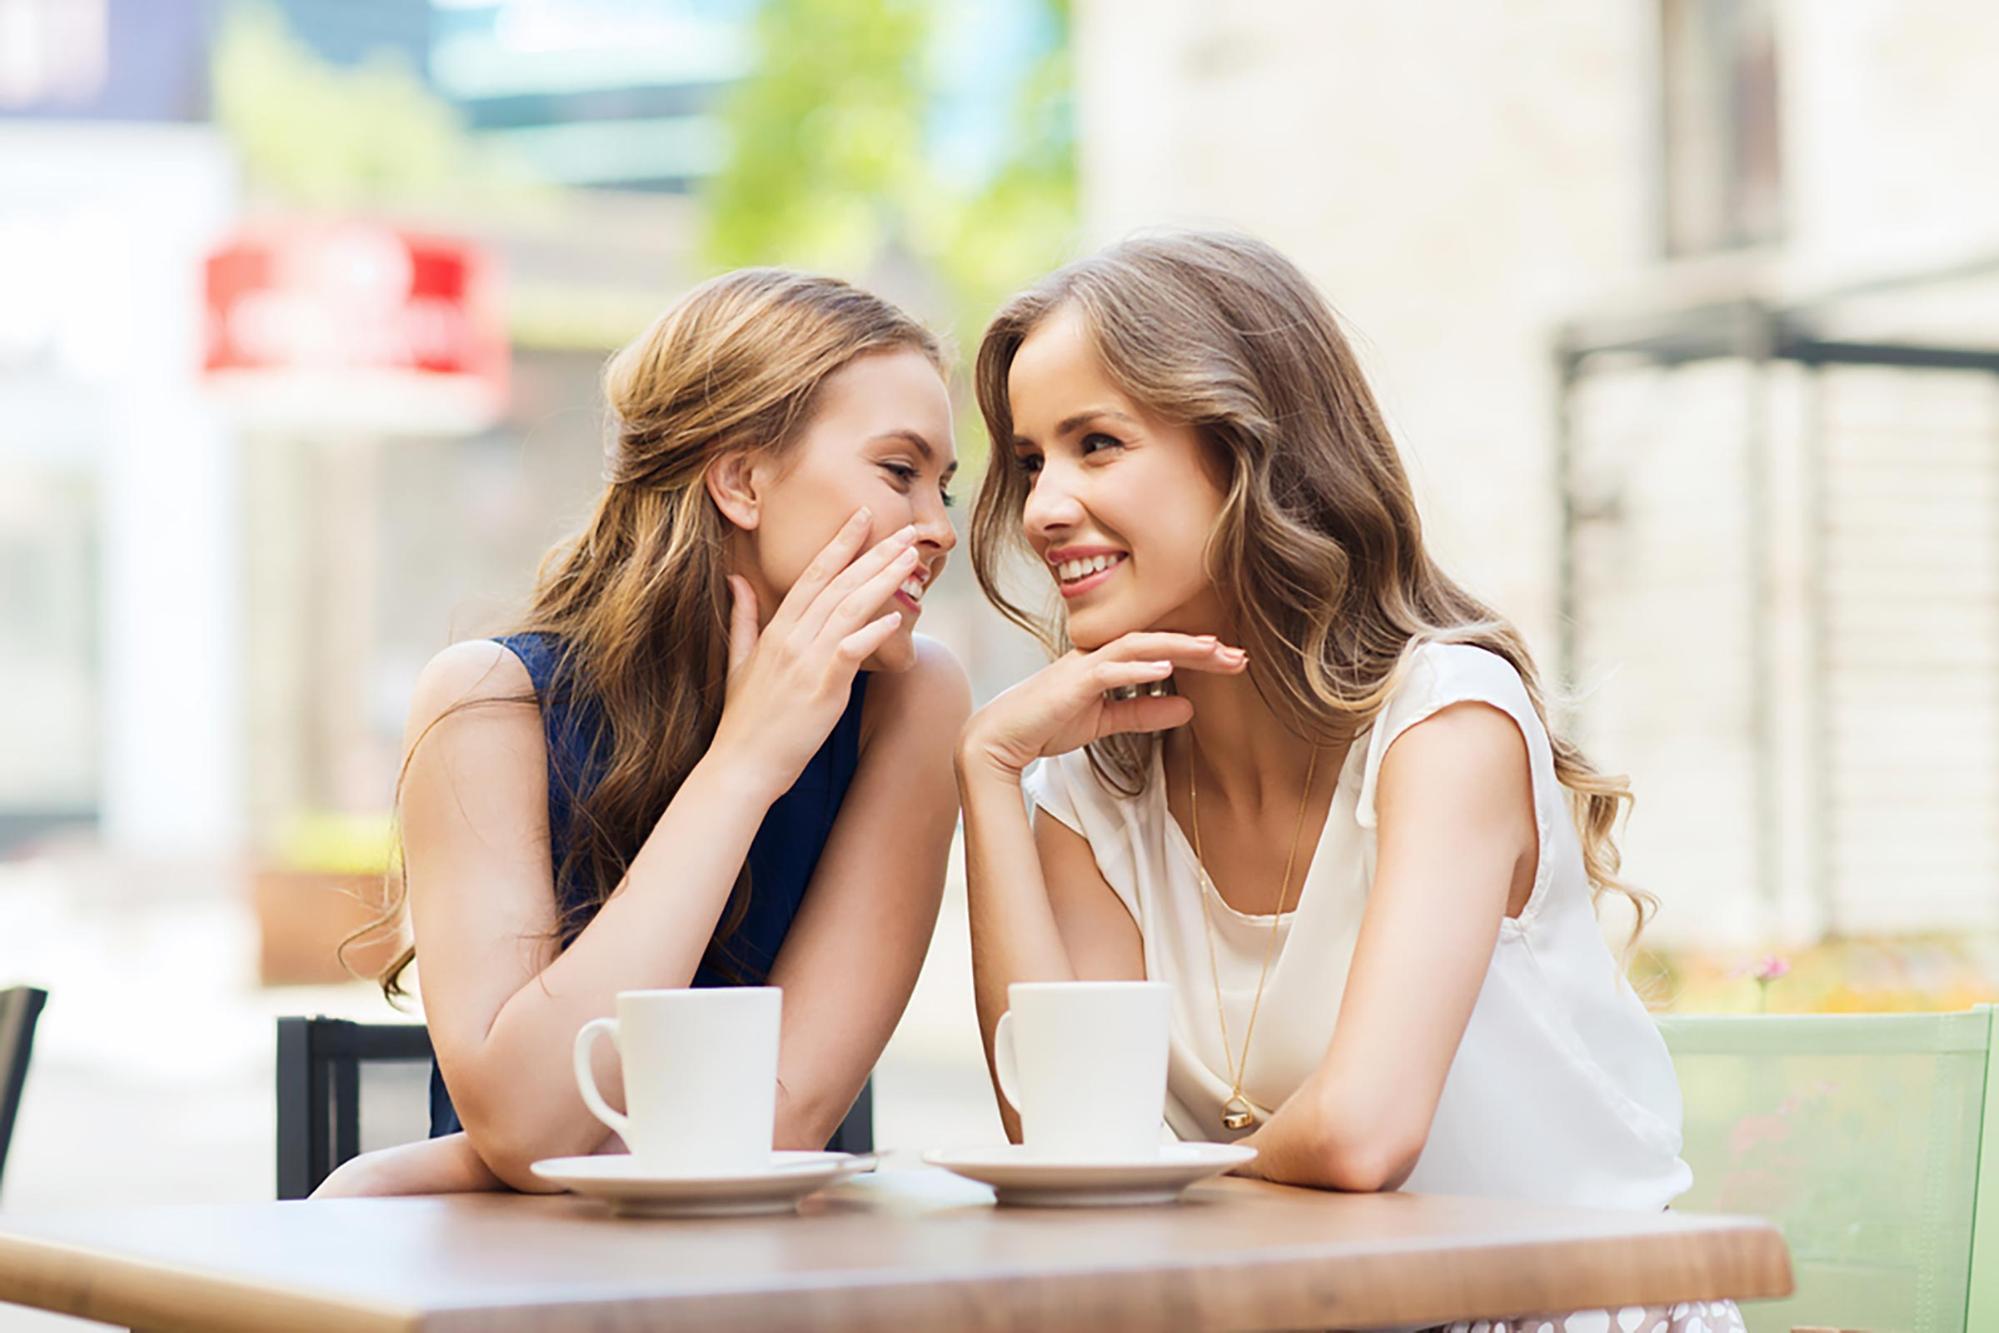 общение между людьми